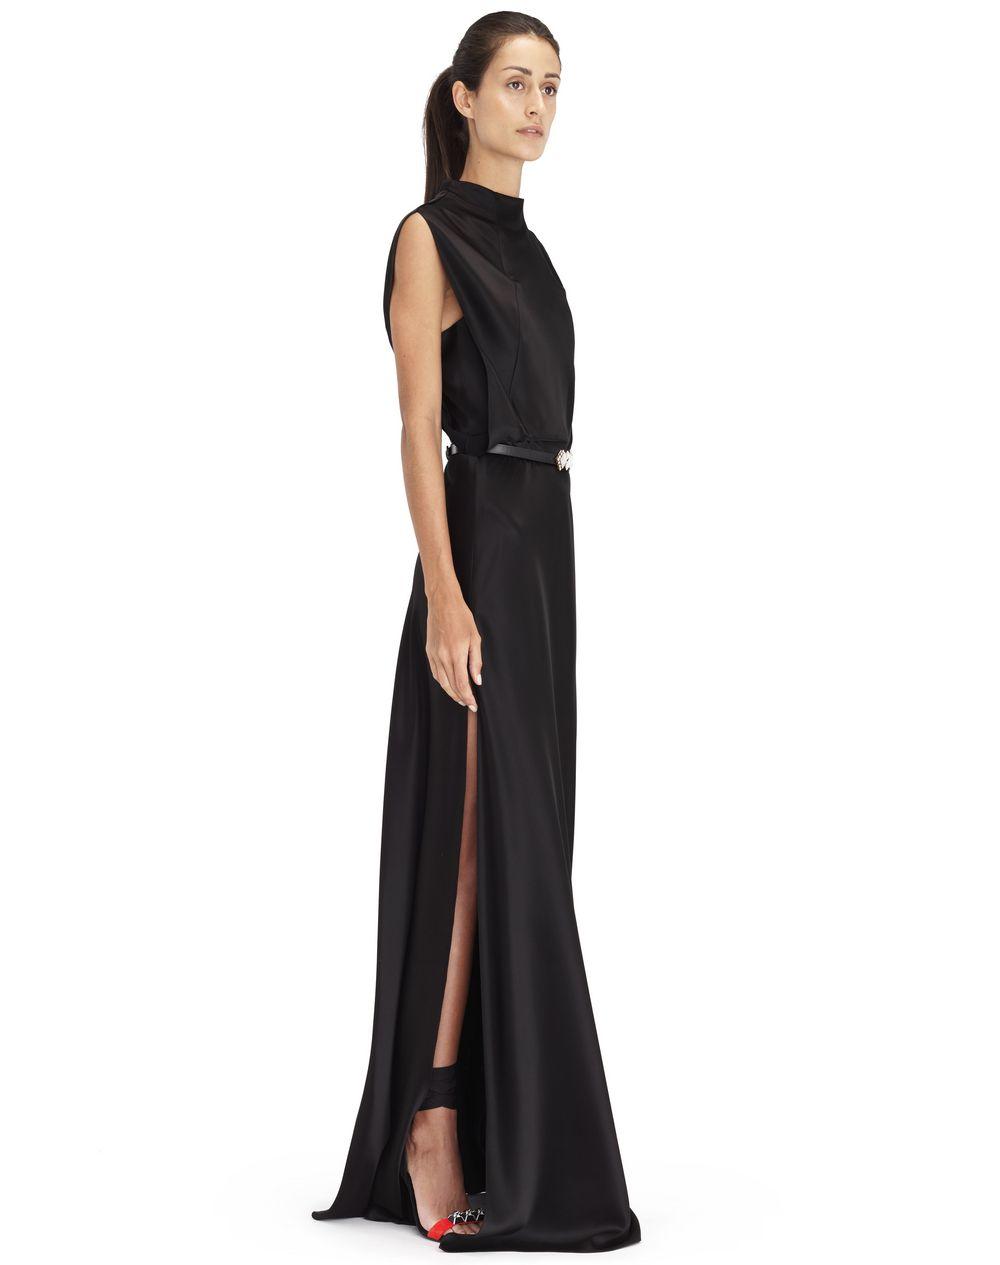 Robe longue fendue et sans manches en crêpe satin noir